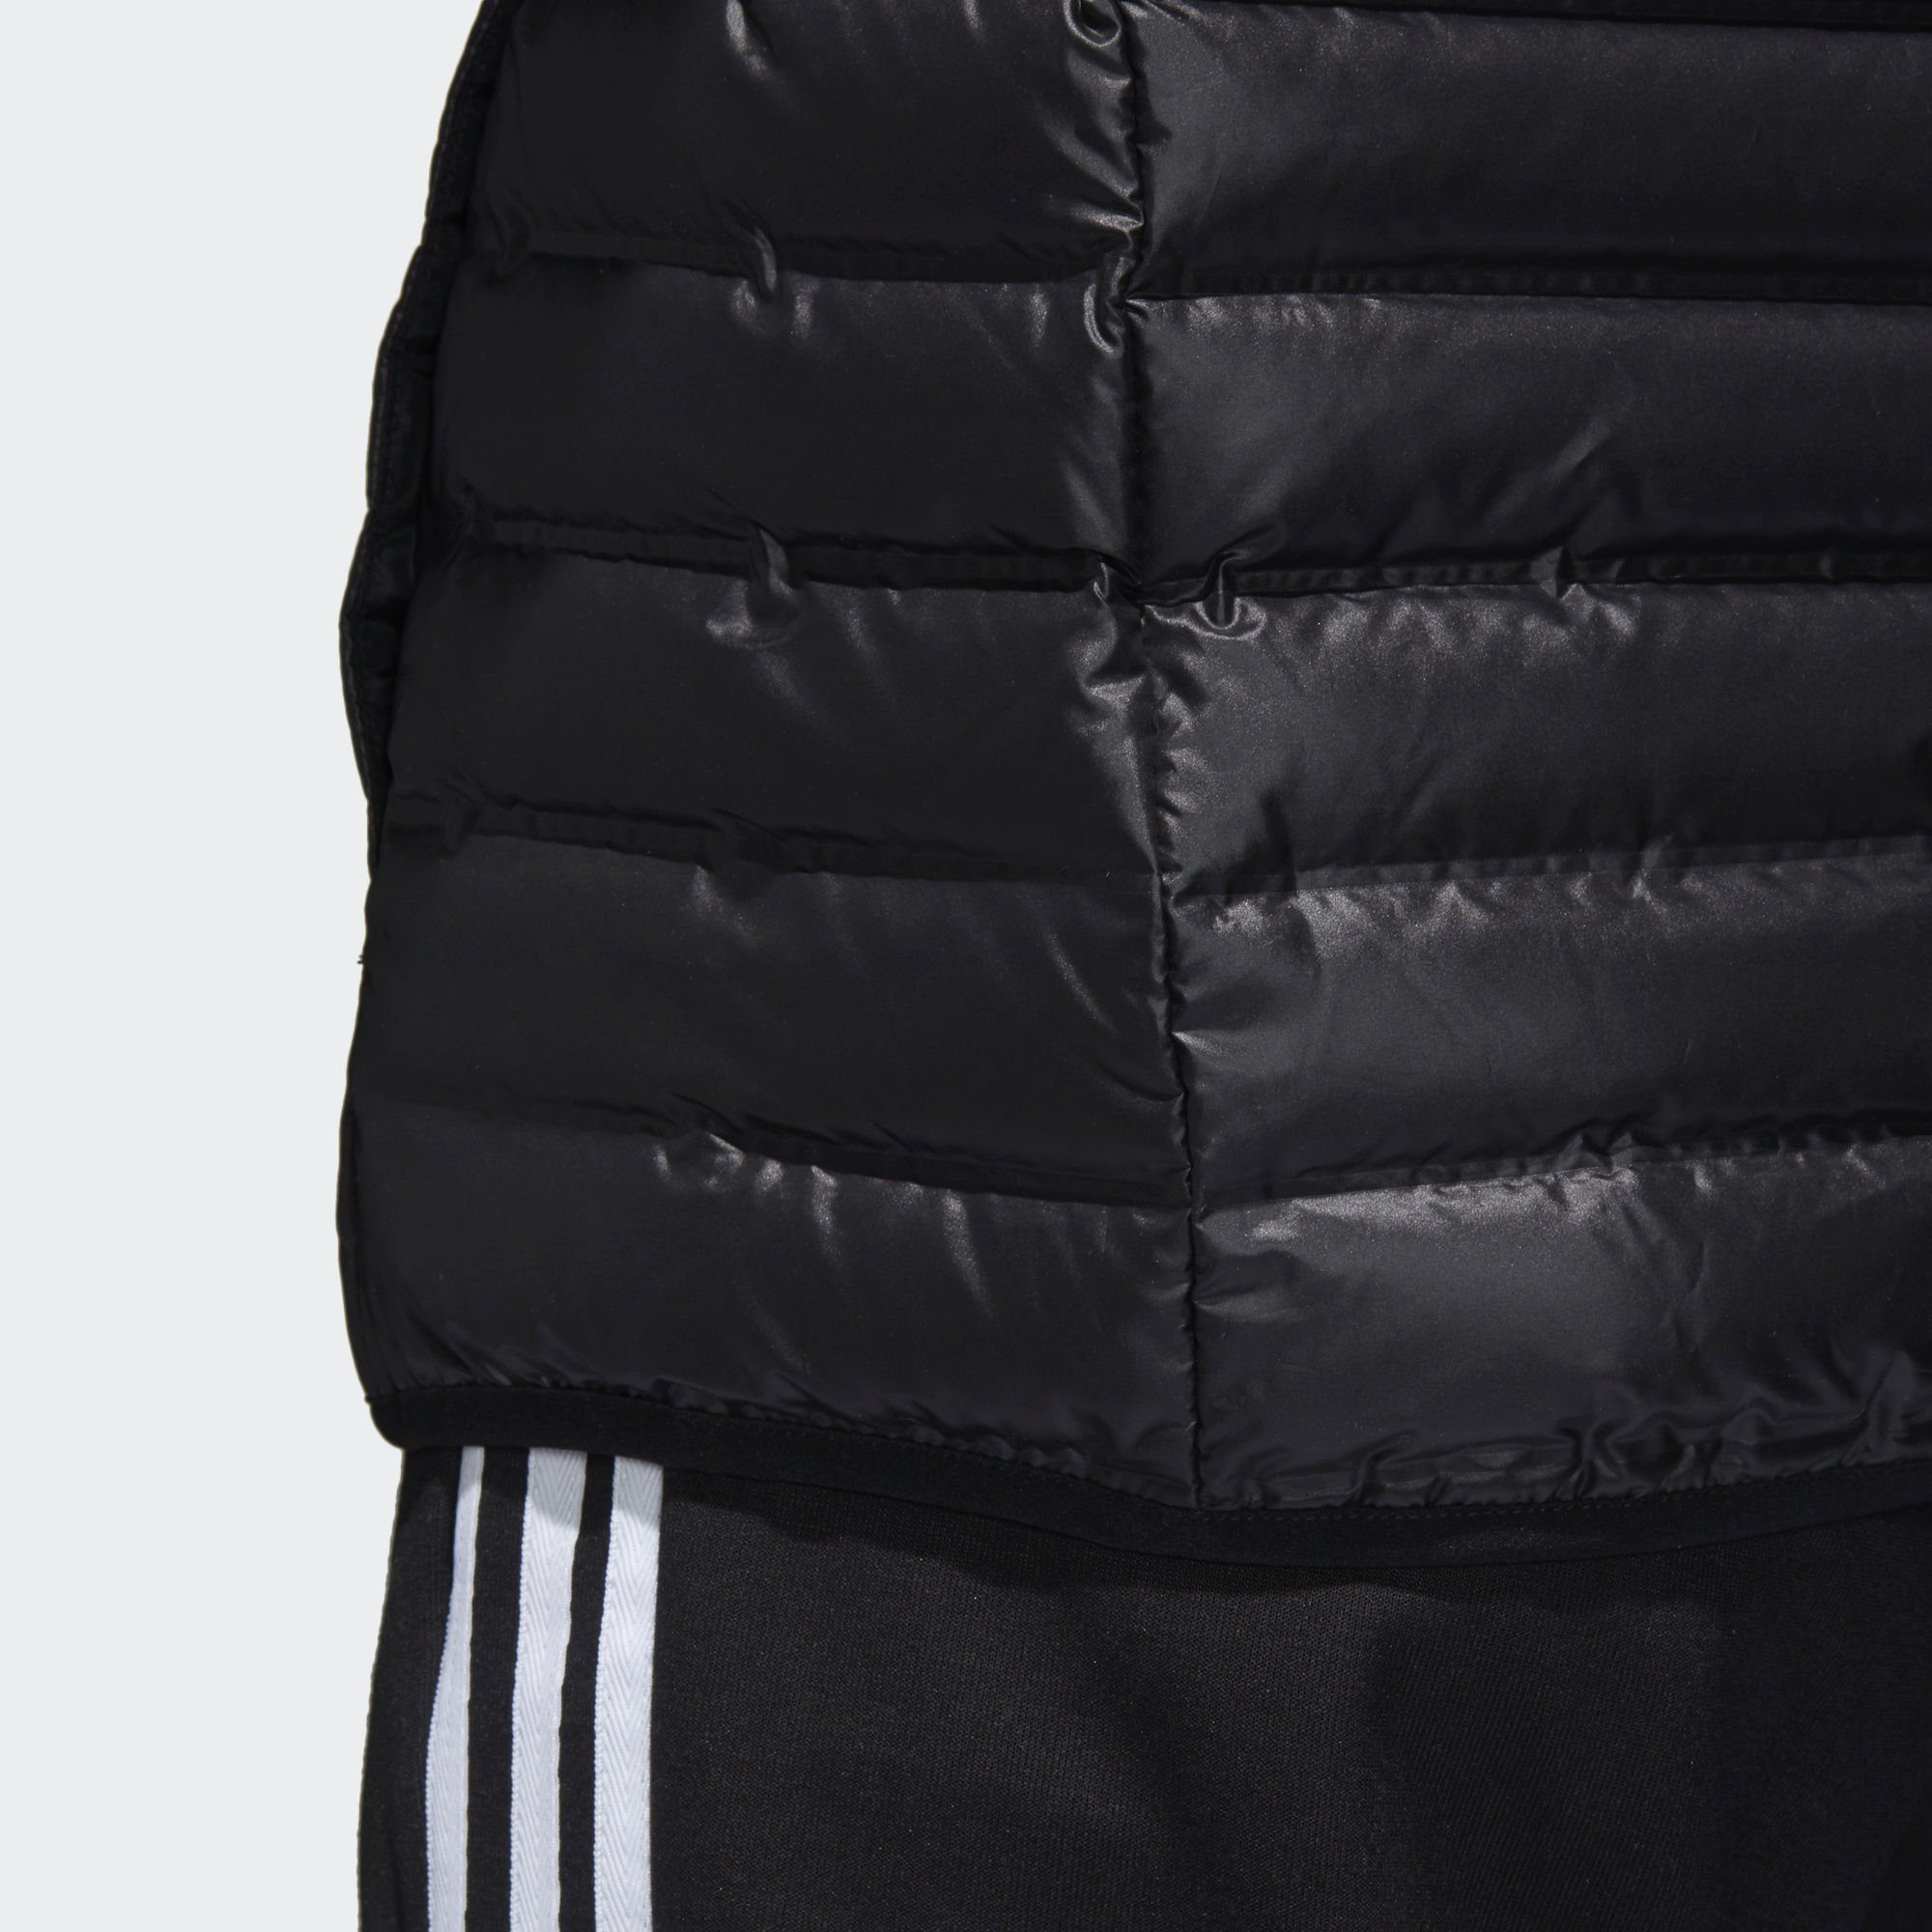 Daunenjacke« Essentials Kaufen Performance »varilite Online Adidas Sweatjacke CrBxoed